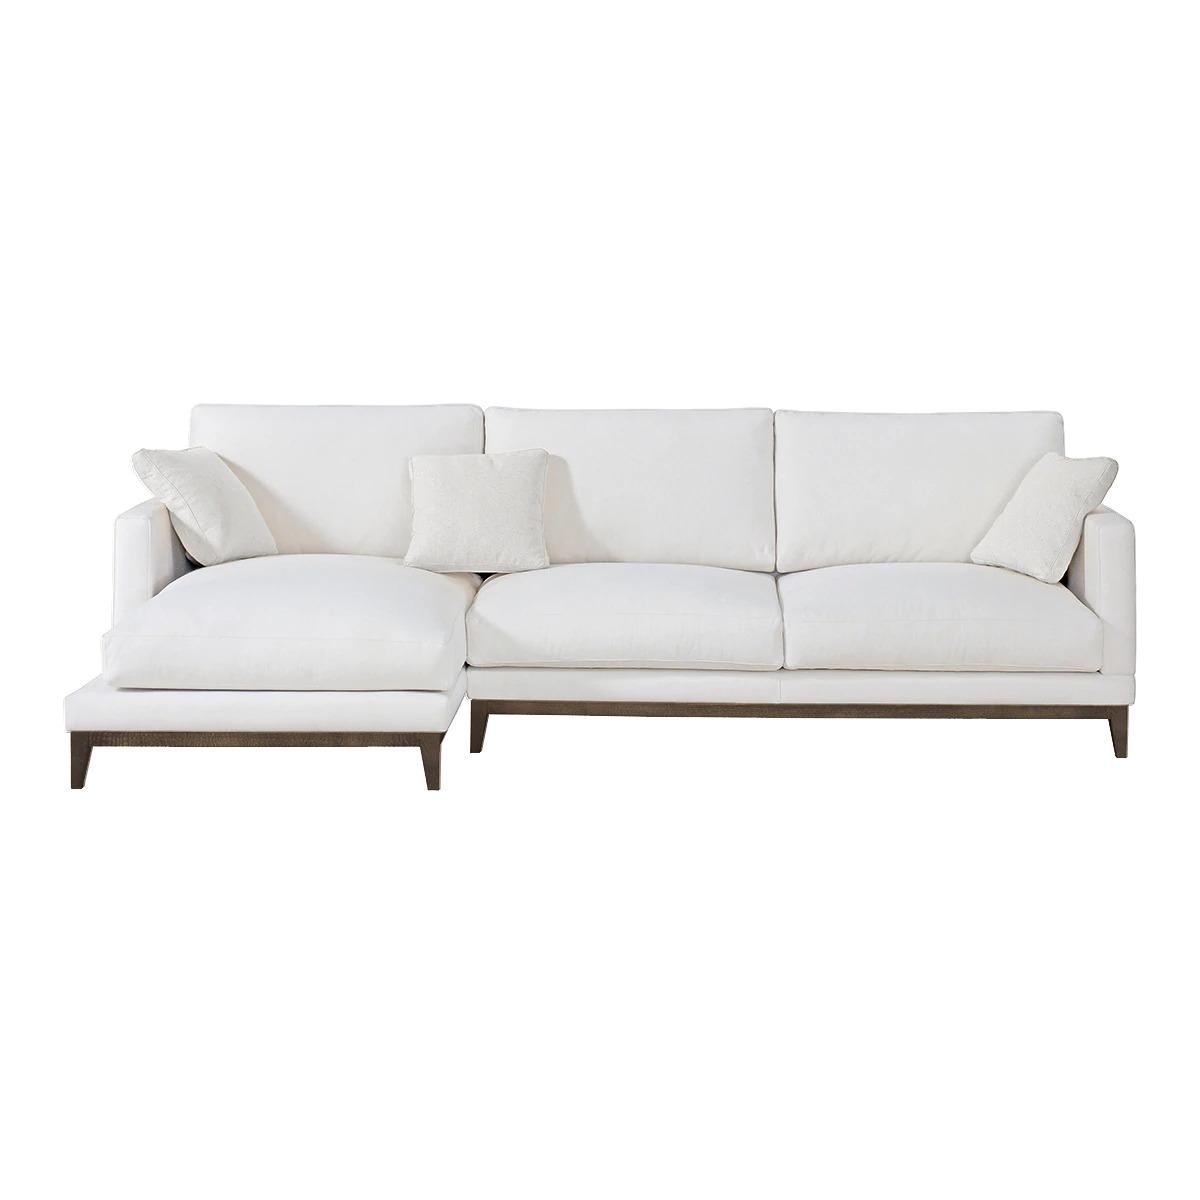 Sofá de 5 plazas con chaise longue izquierdo y base wengué Breda El Corte Inglés